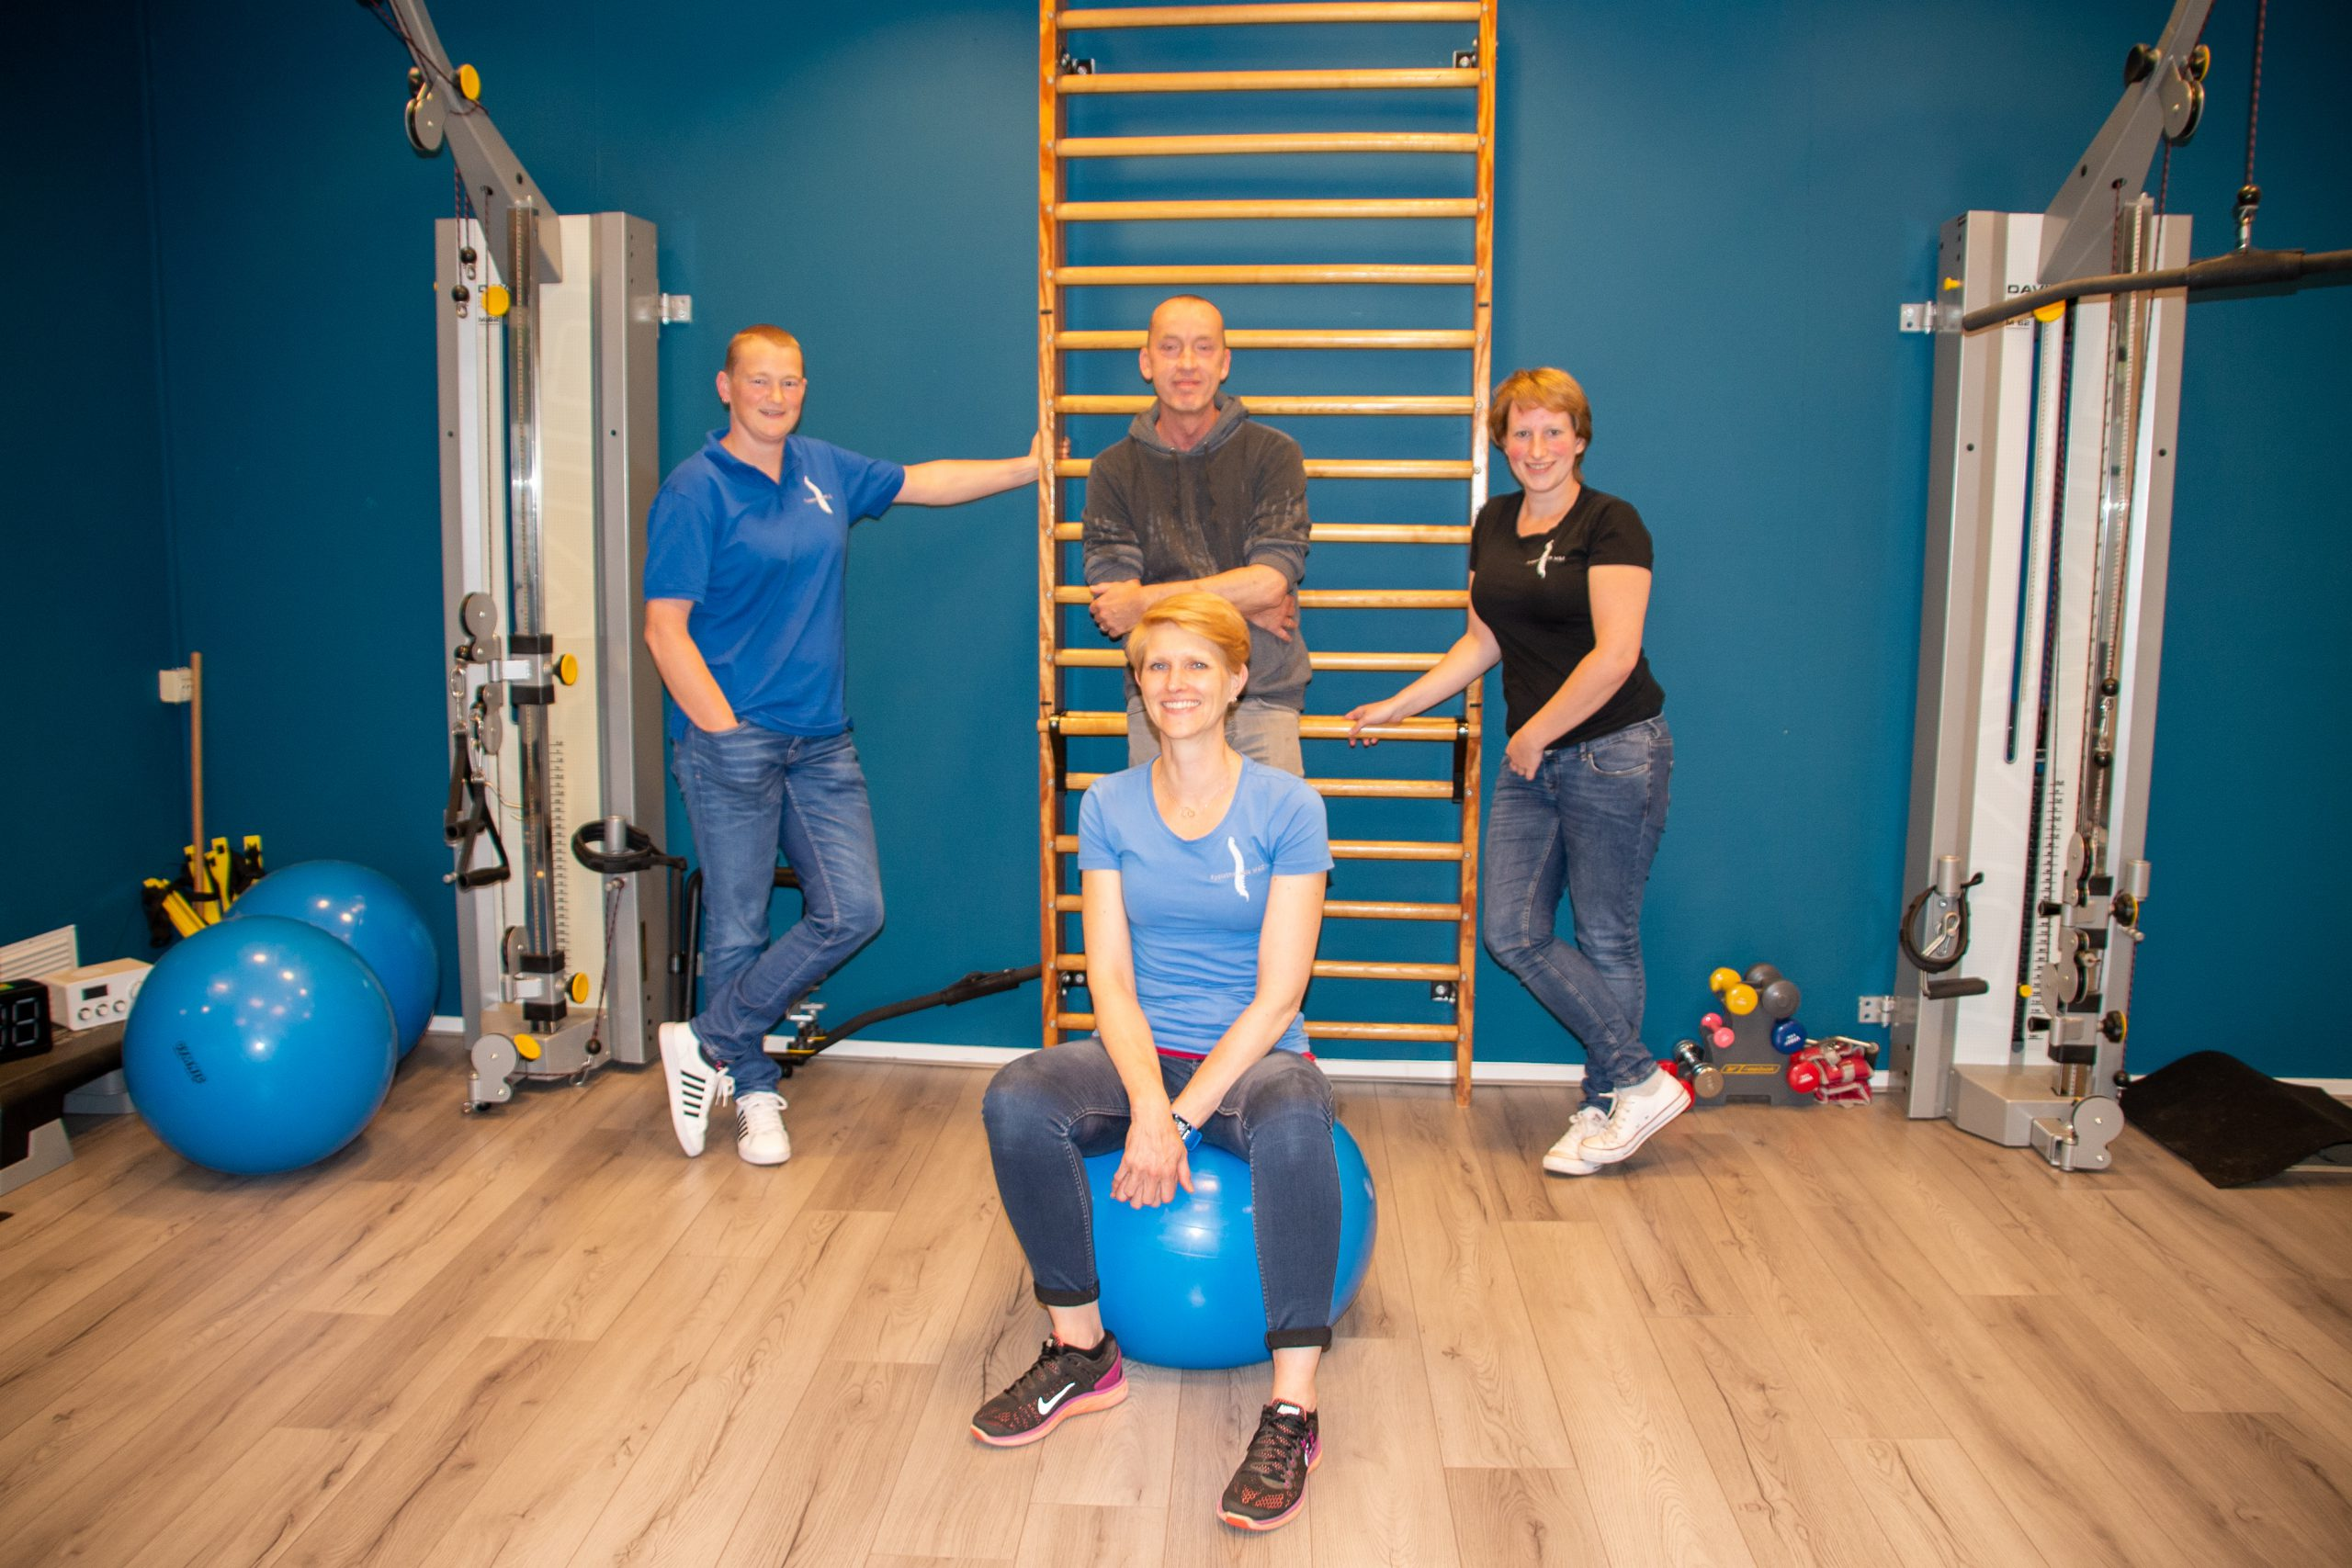 Fysiotherapie W&H is weer open!